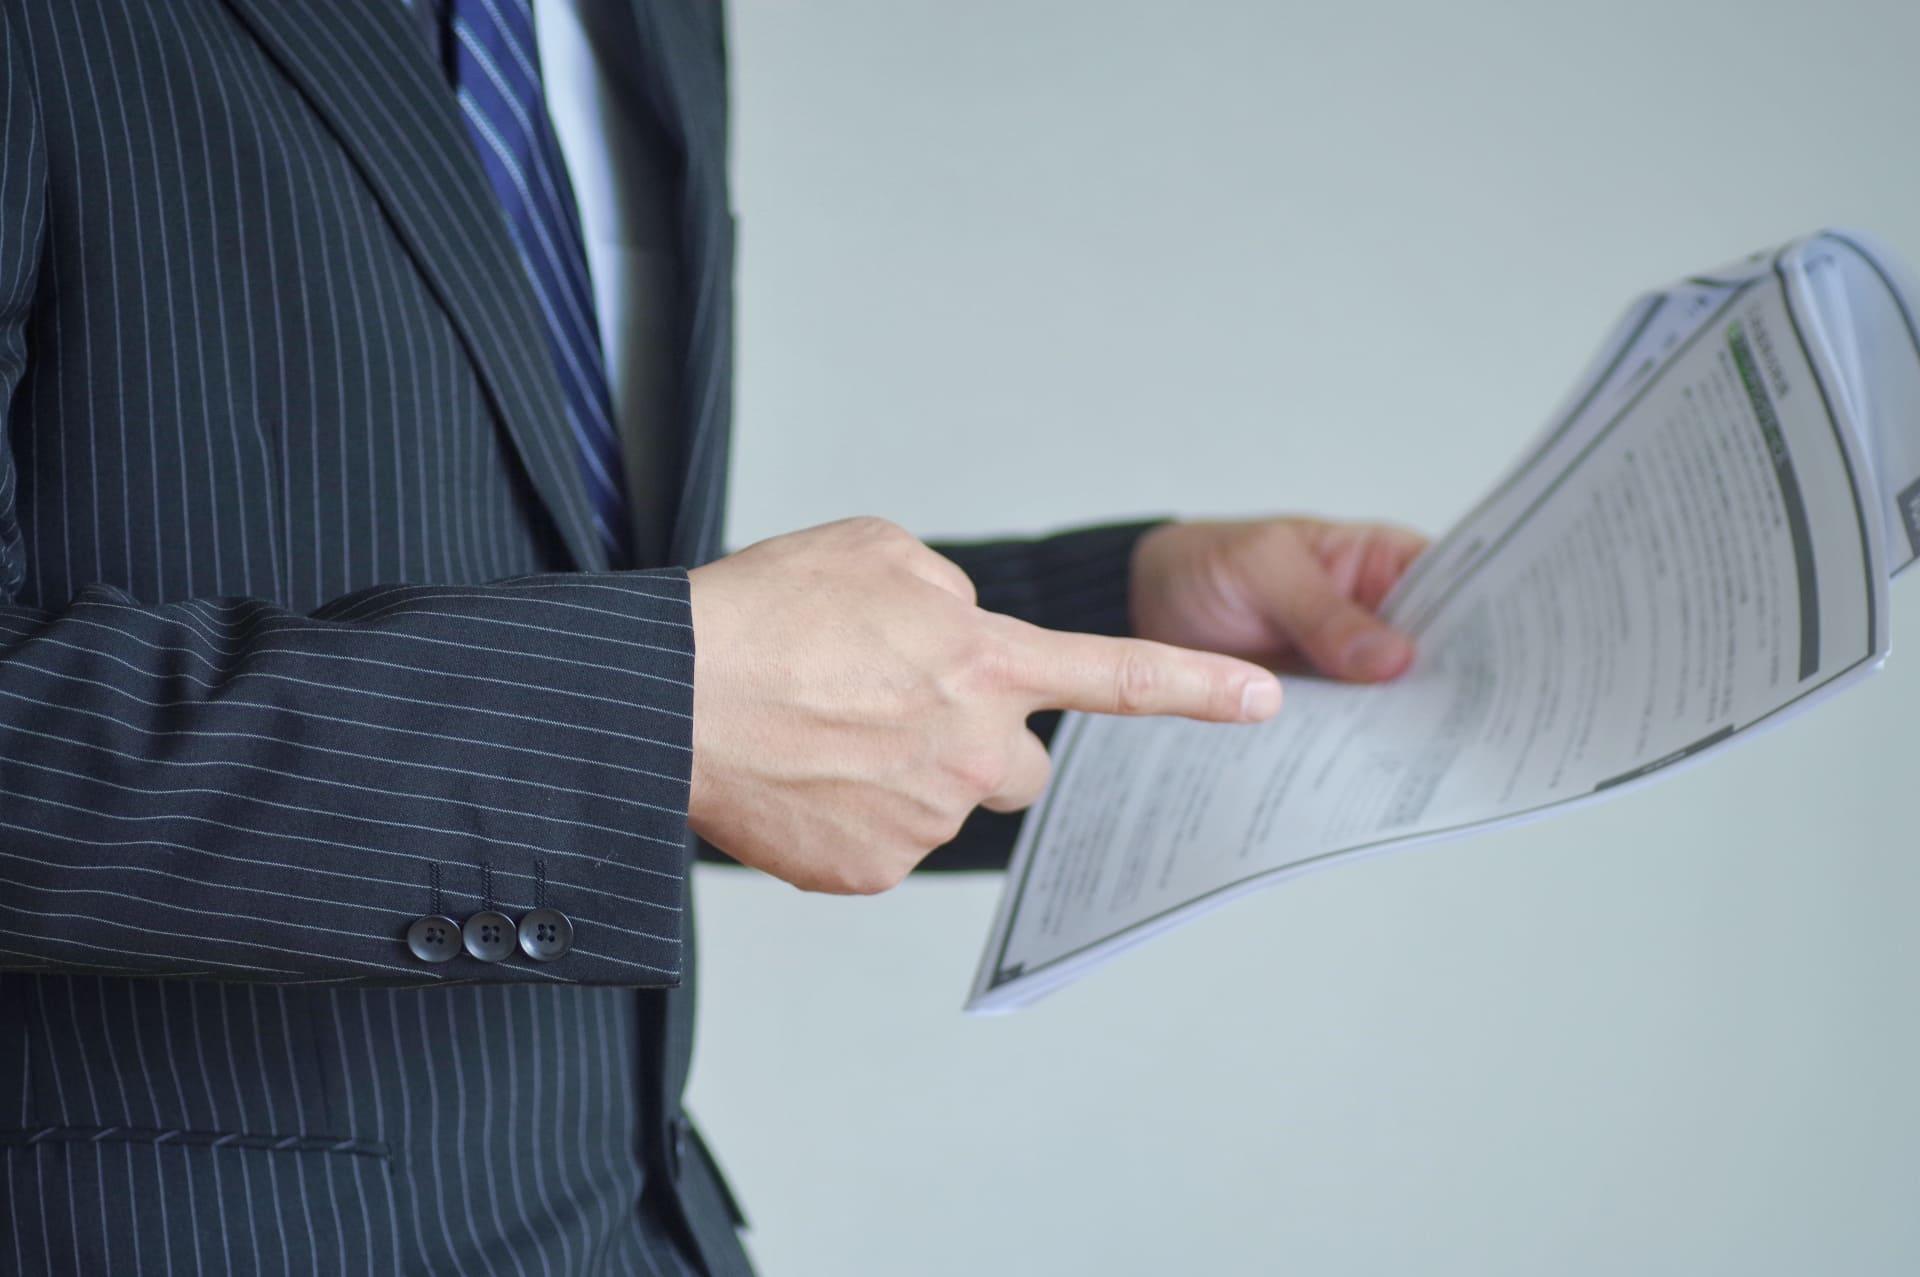 書類を確認する人